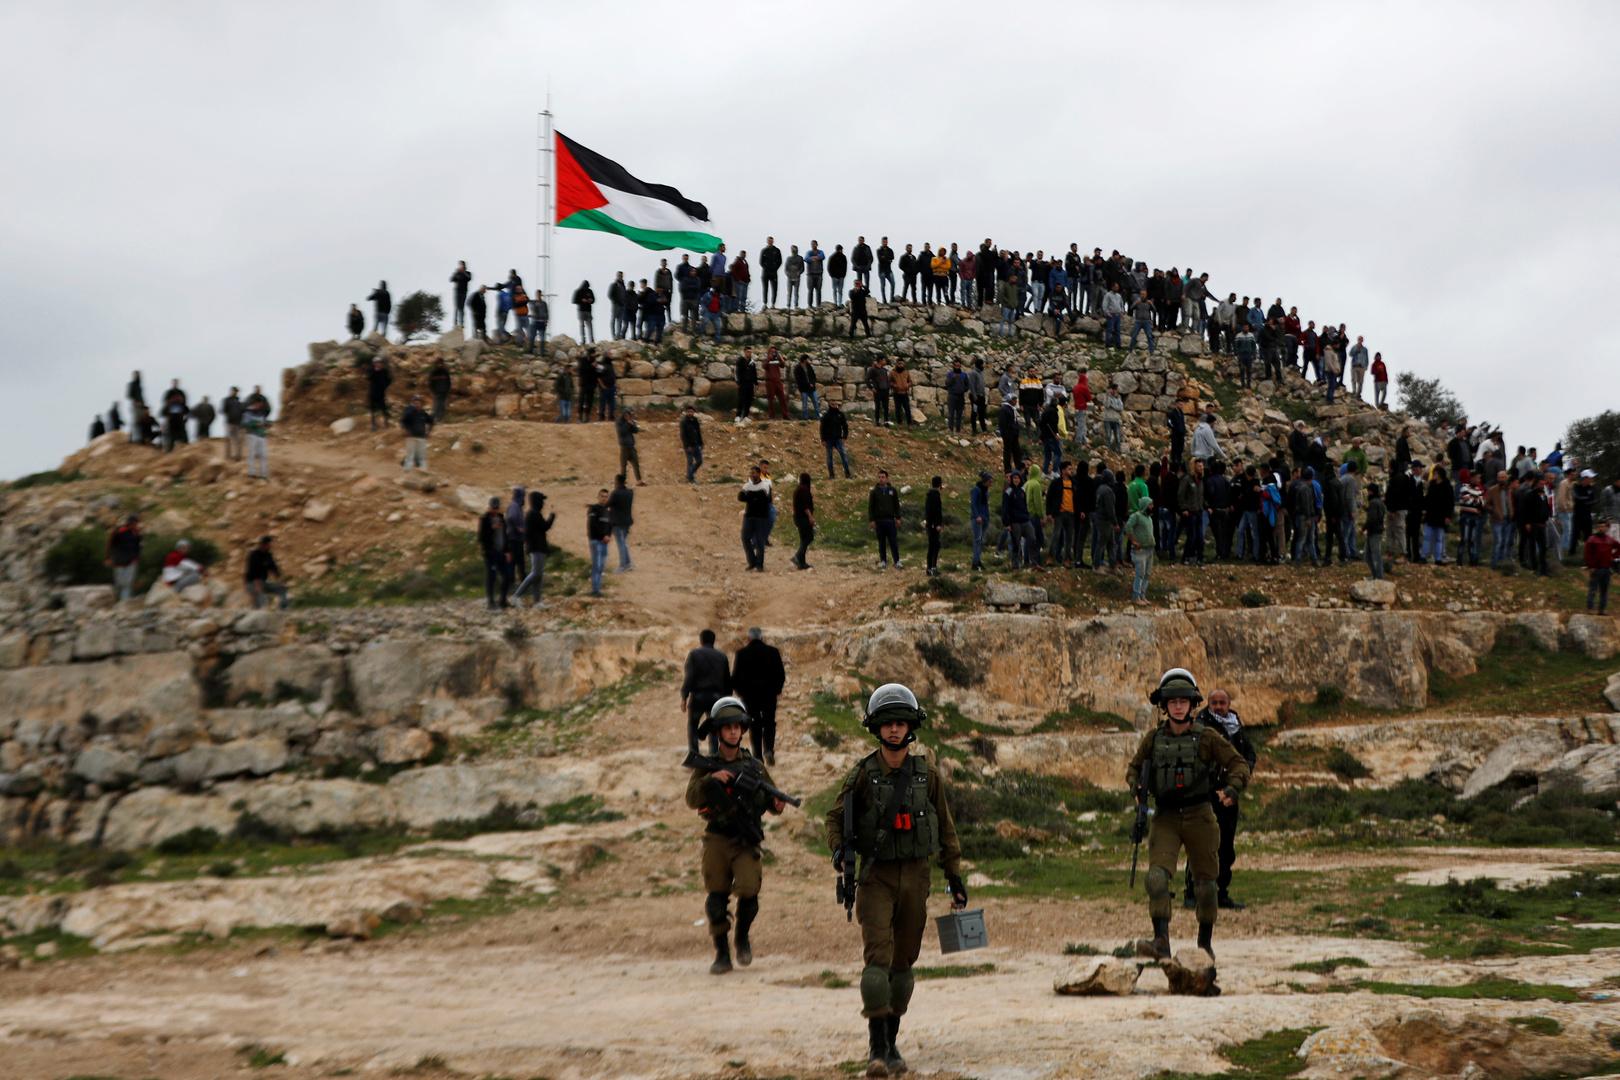 القوات الإسرائيلية تغلق كافة الطرق المؤدية إلى بلدة بيتا في نابلس